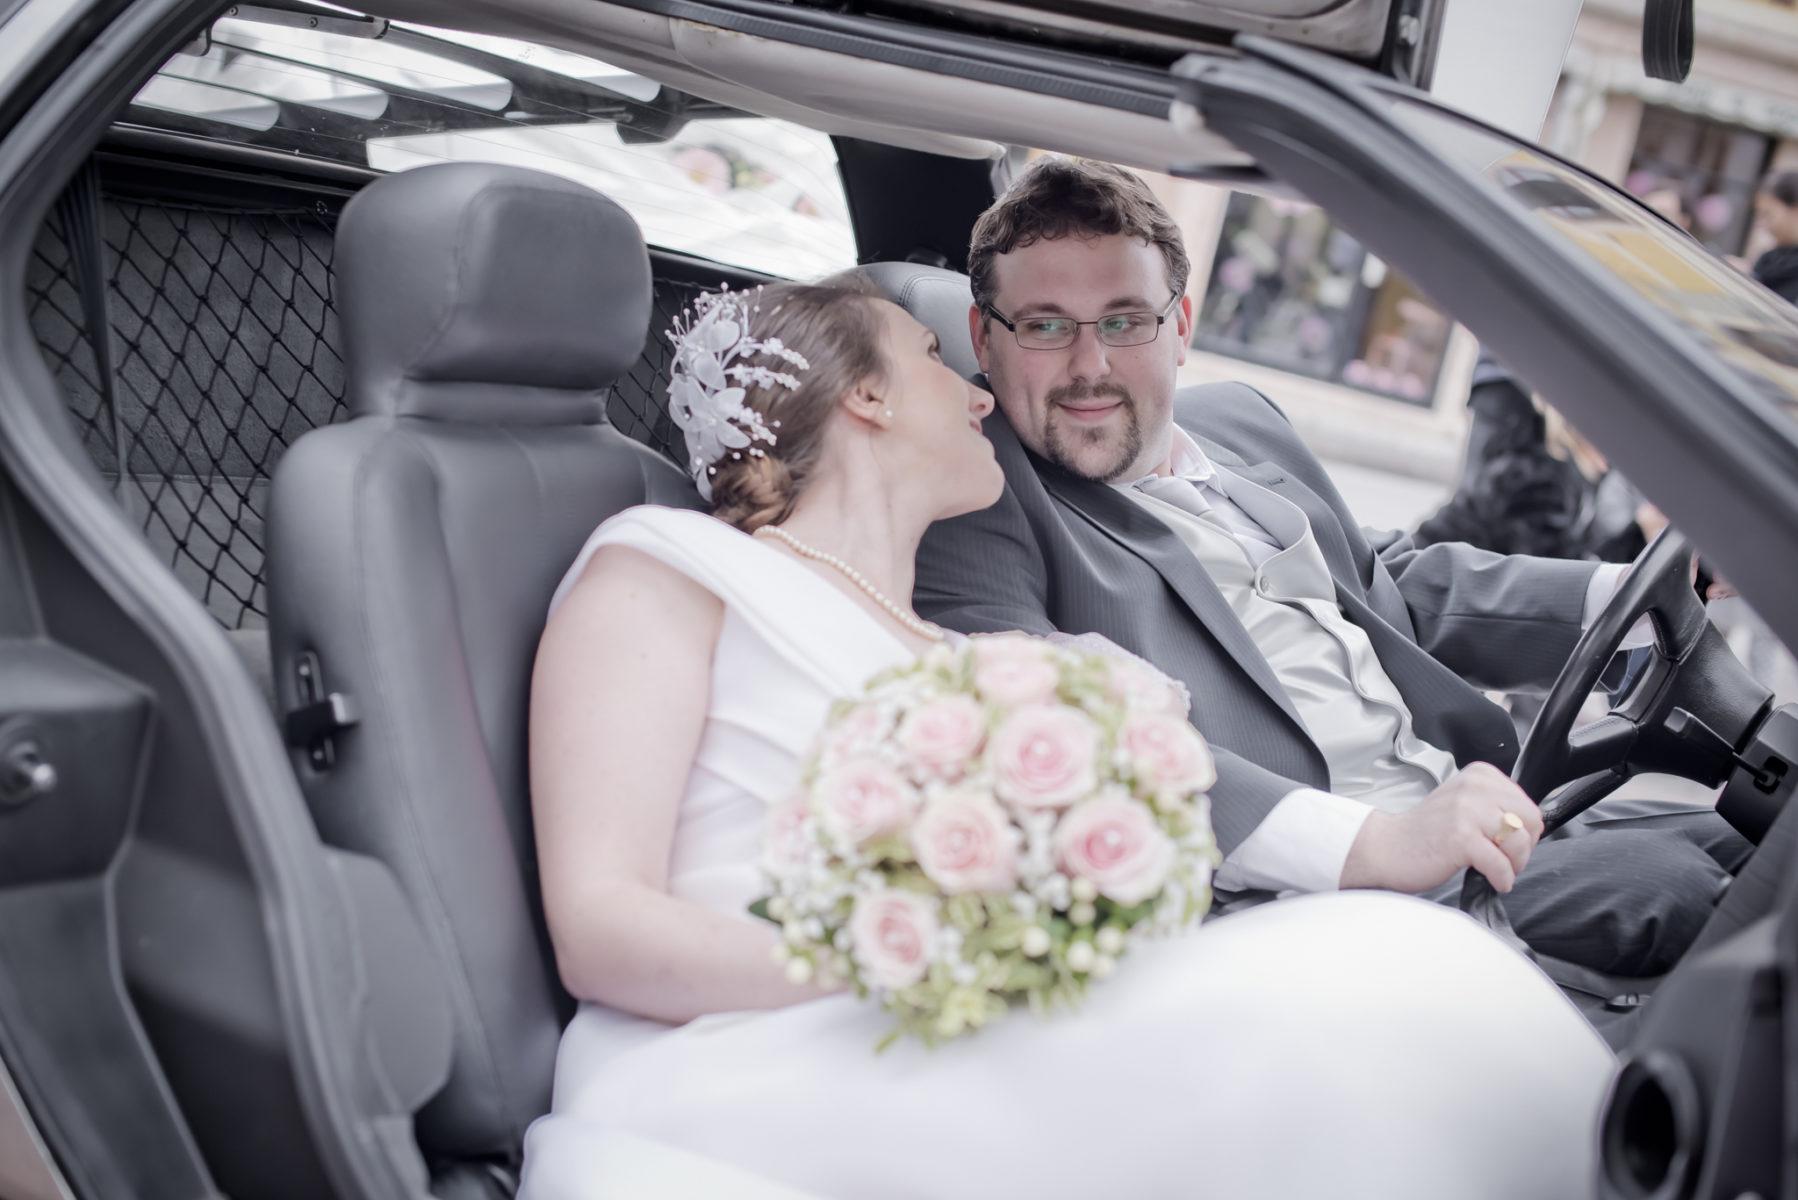 Boquet e sposi, come scegliere il fotografo del matrimonio